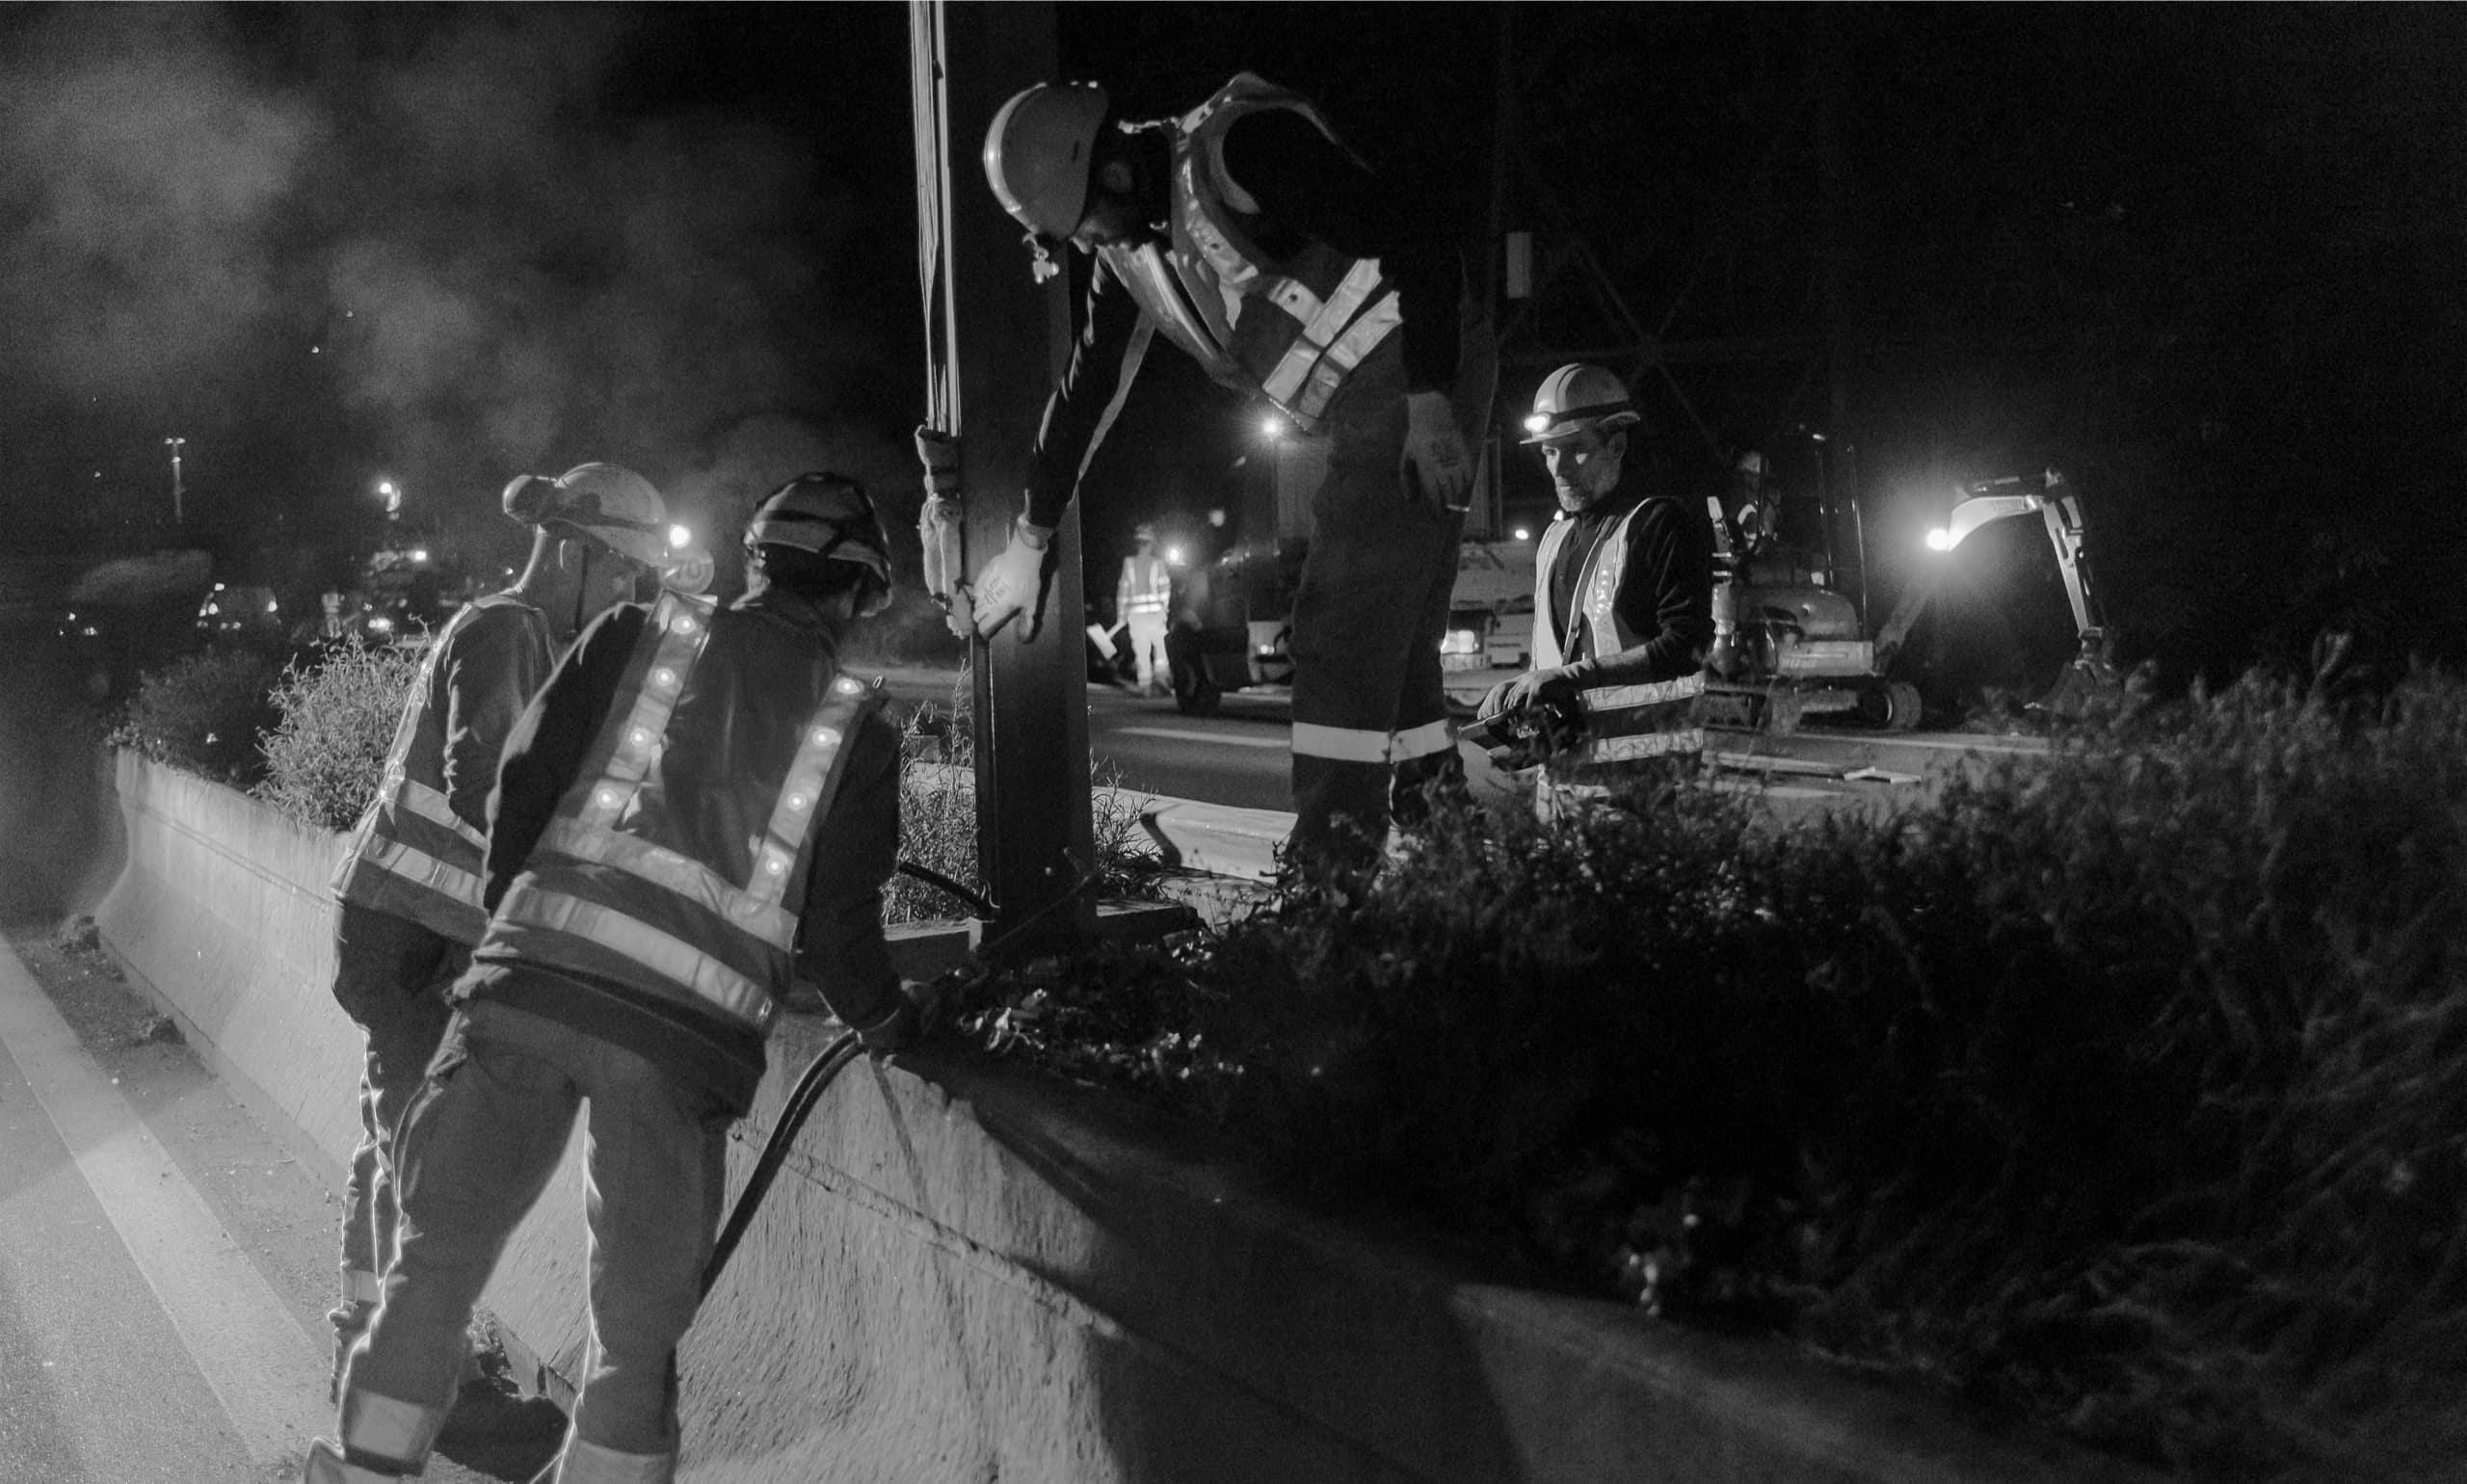 les équipes d'AREA à l'oeuvre durant la nuit